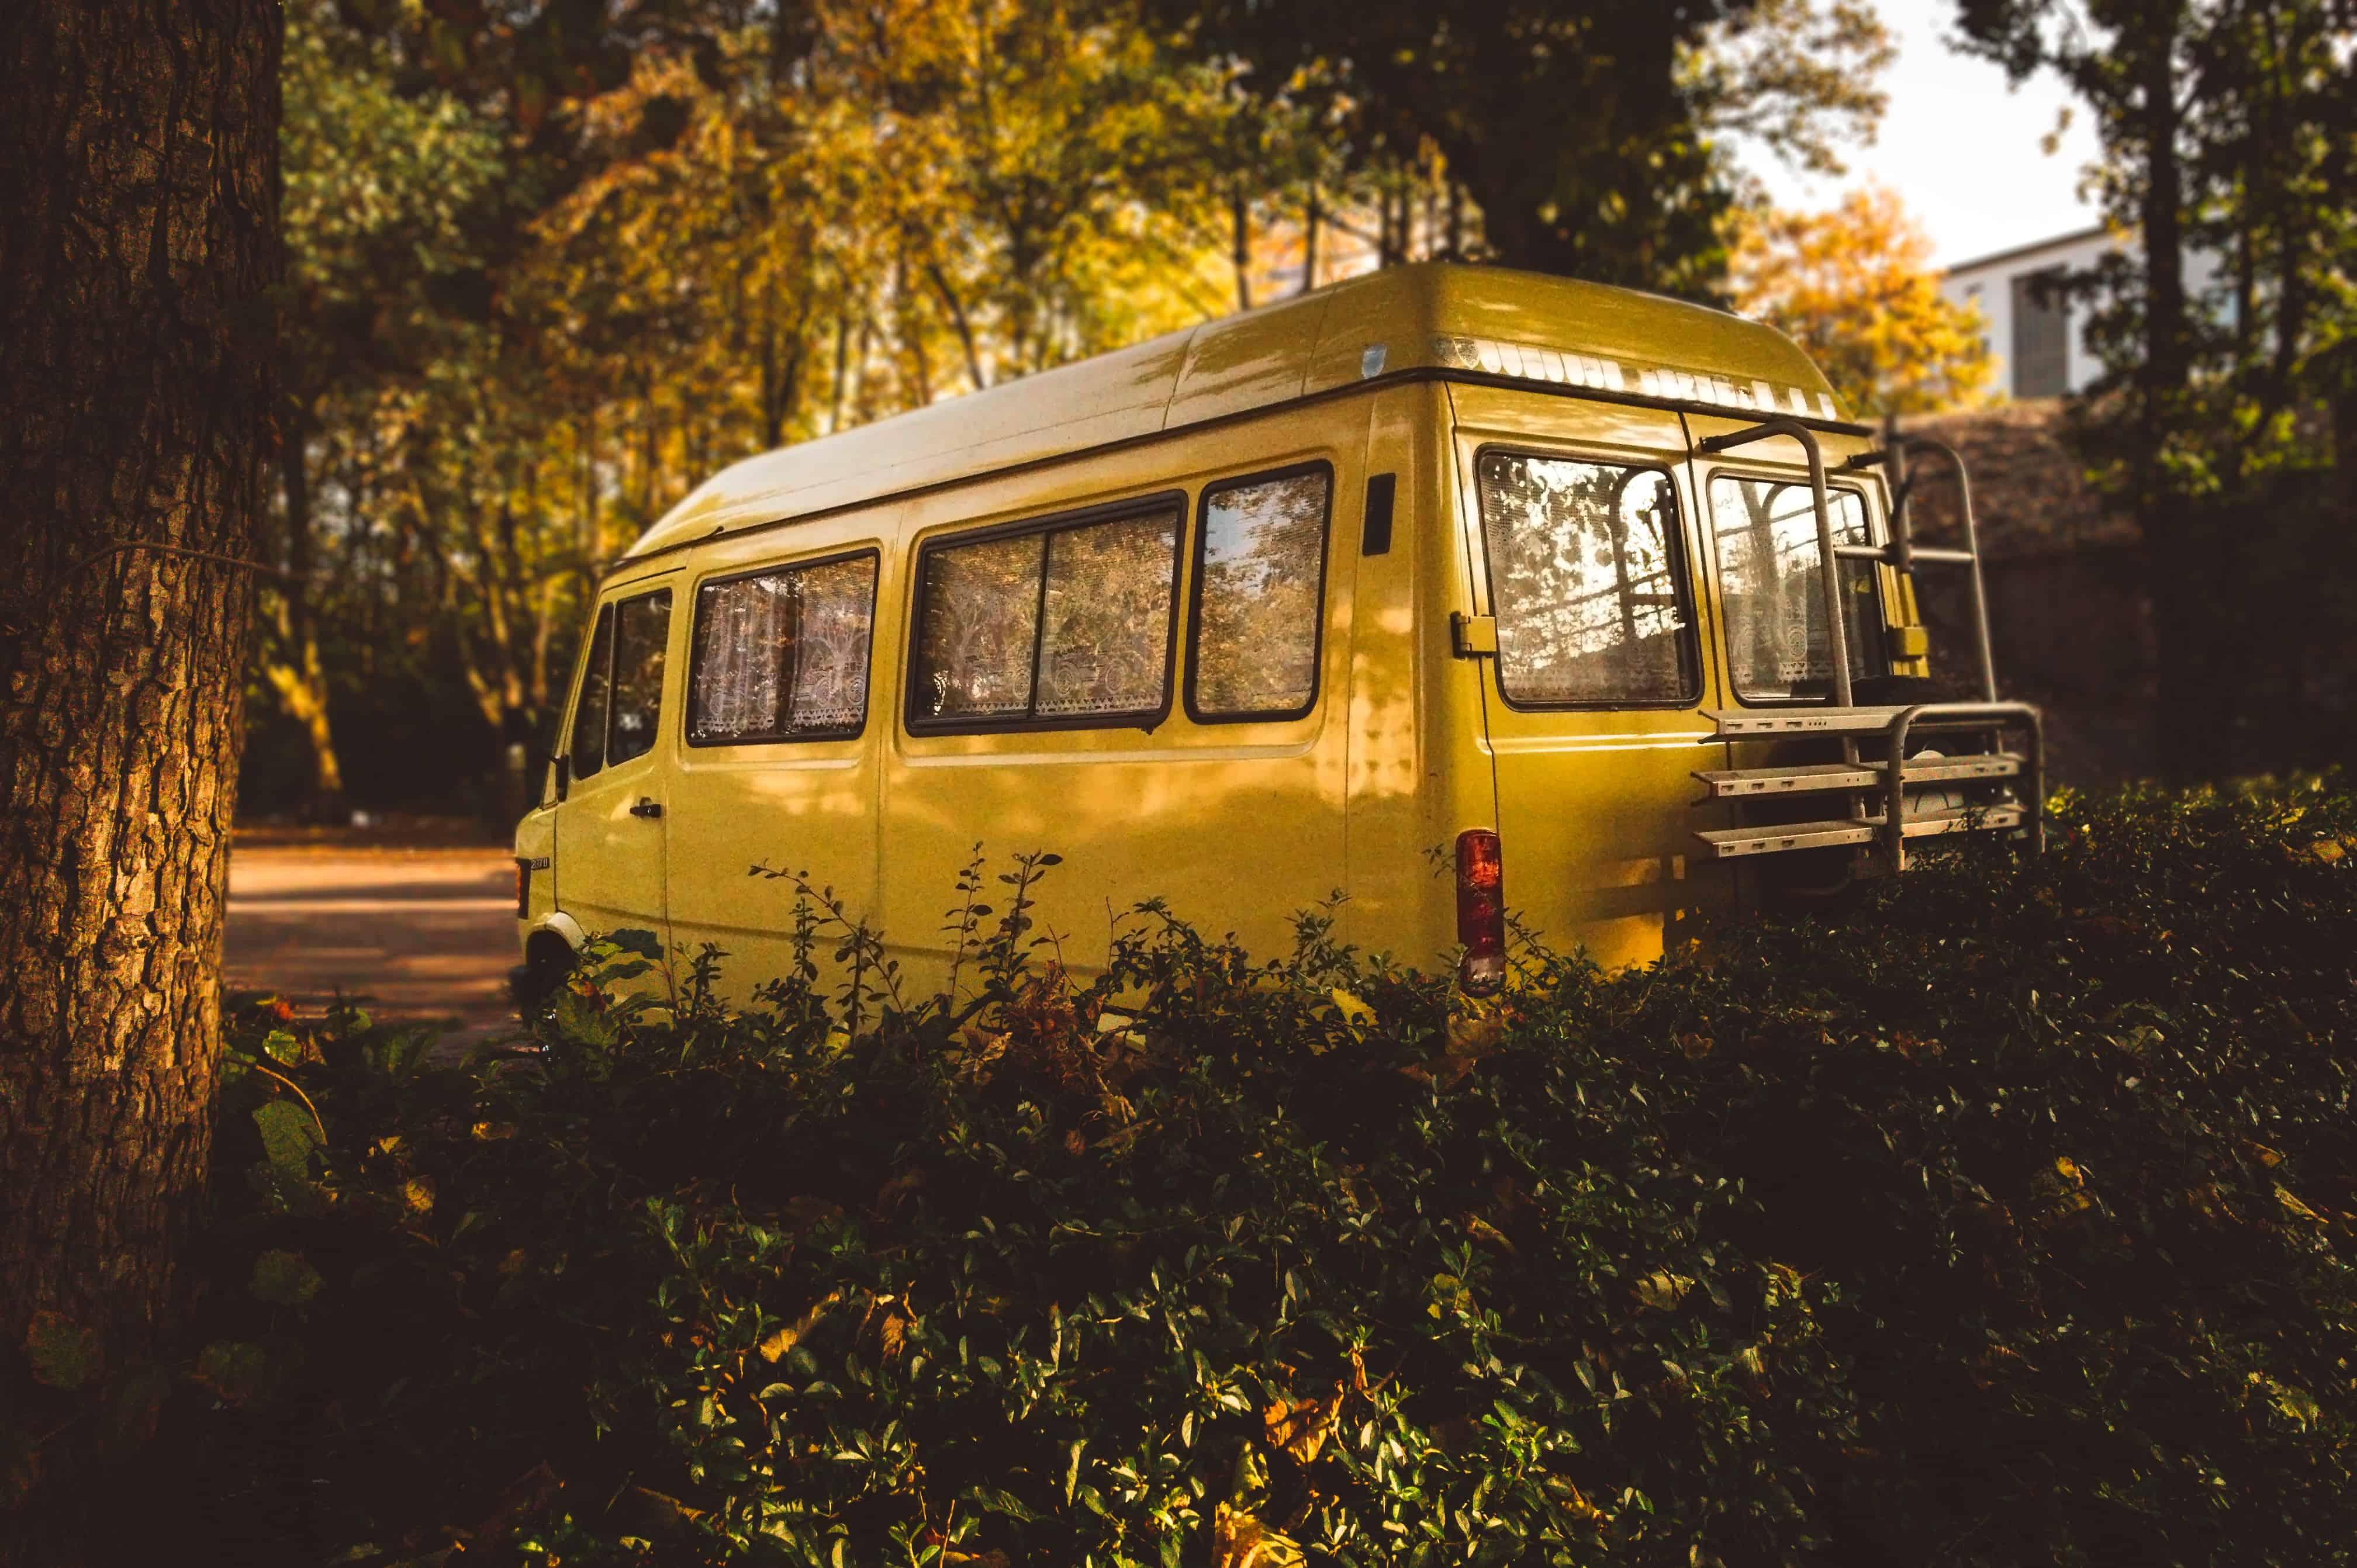 staplaats voor wonen in een camper